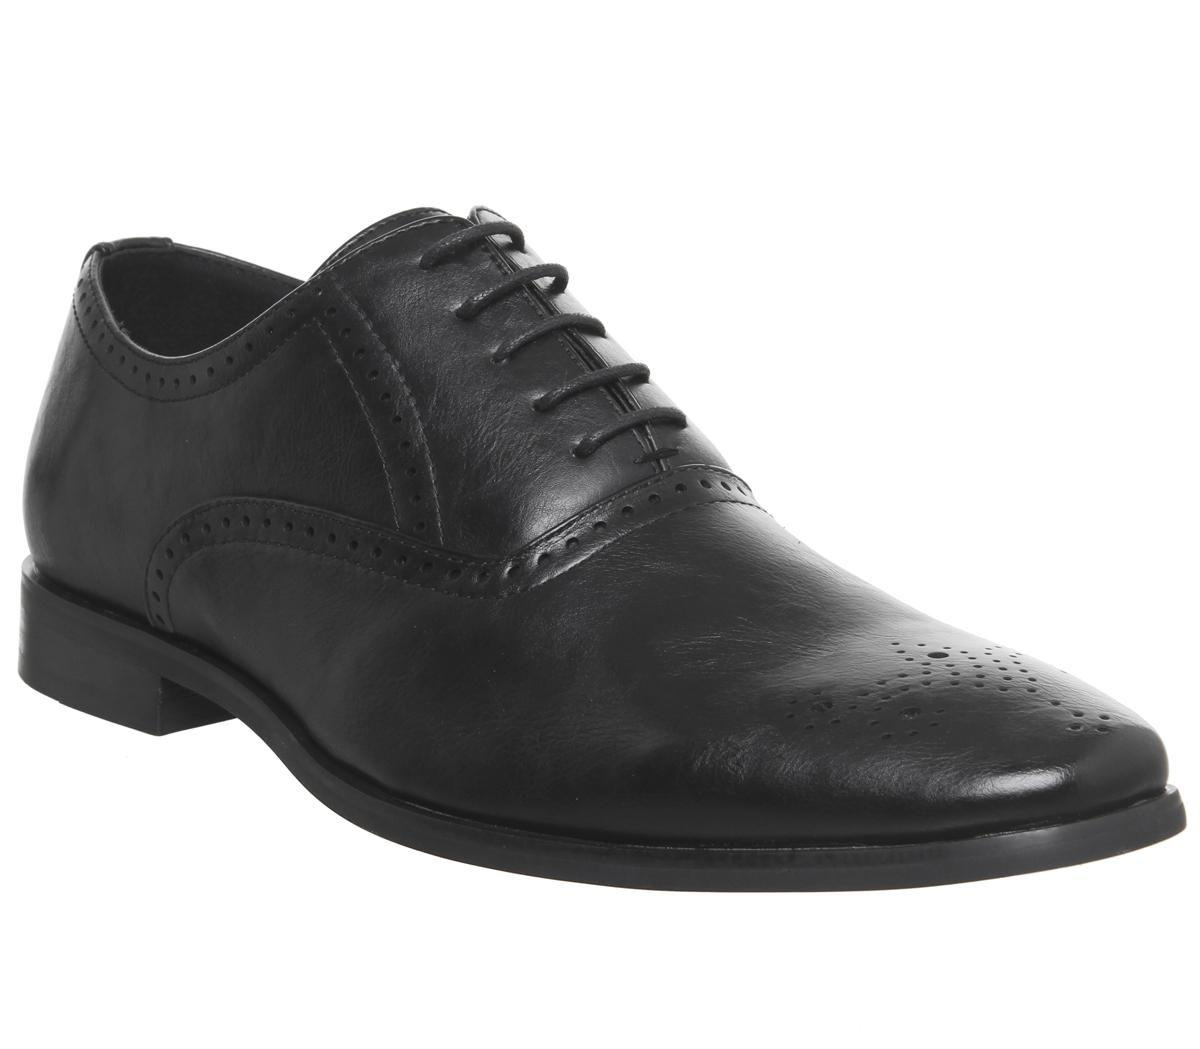 Idolise Oxford Shoes